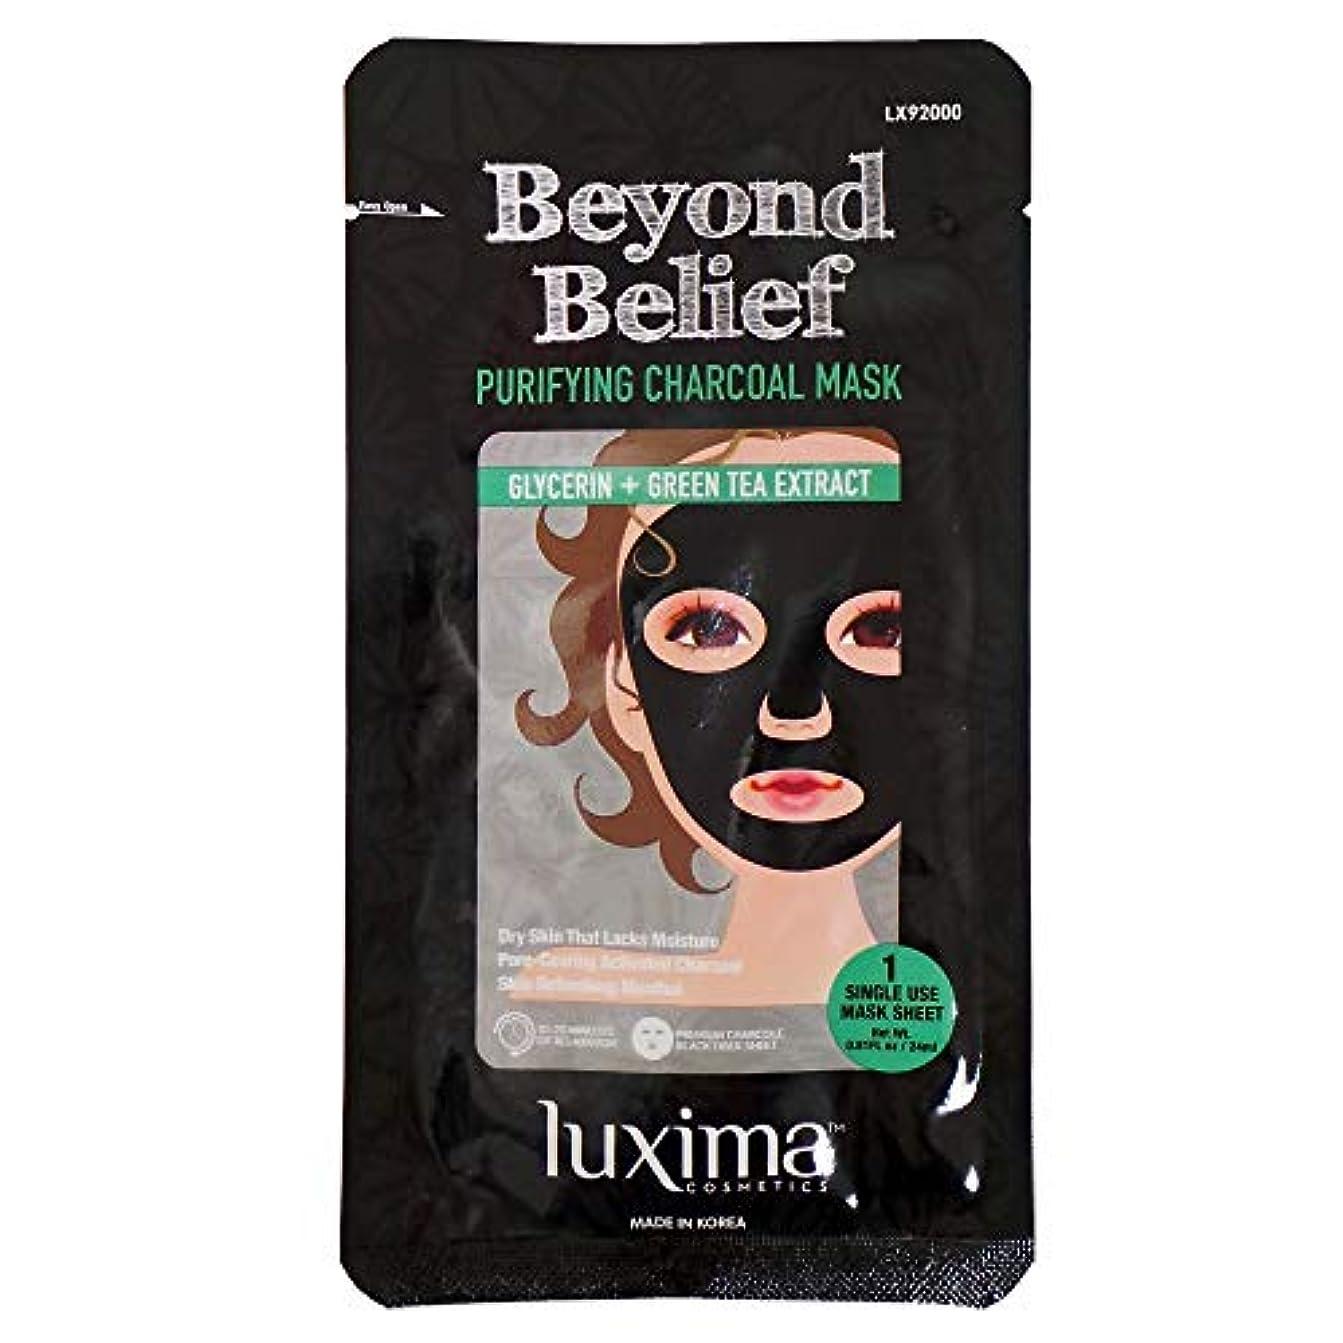 ストローク実際に知り合い(6 Pack) LUXIMA Beyond Belief Purifying Charcoal Mask (並行輸入品)